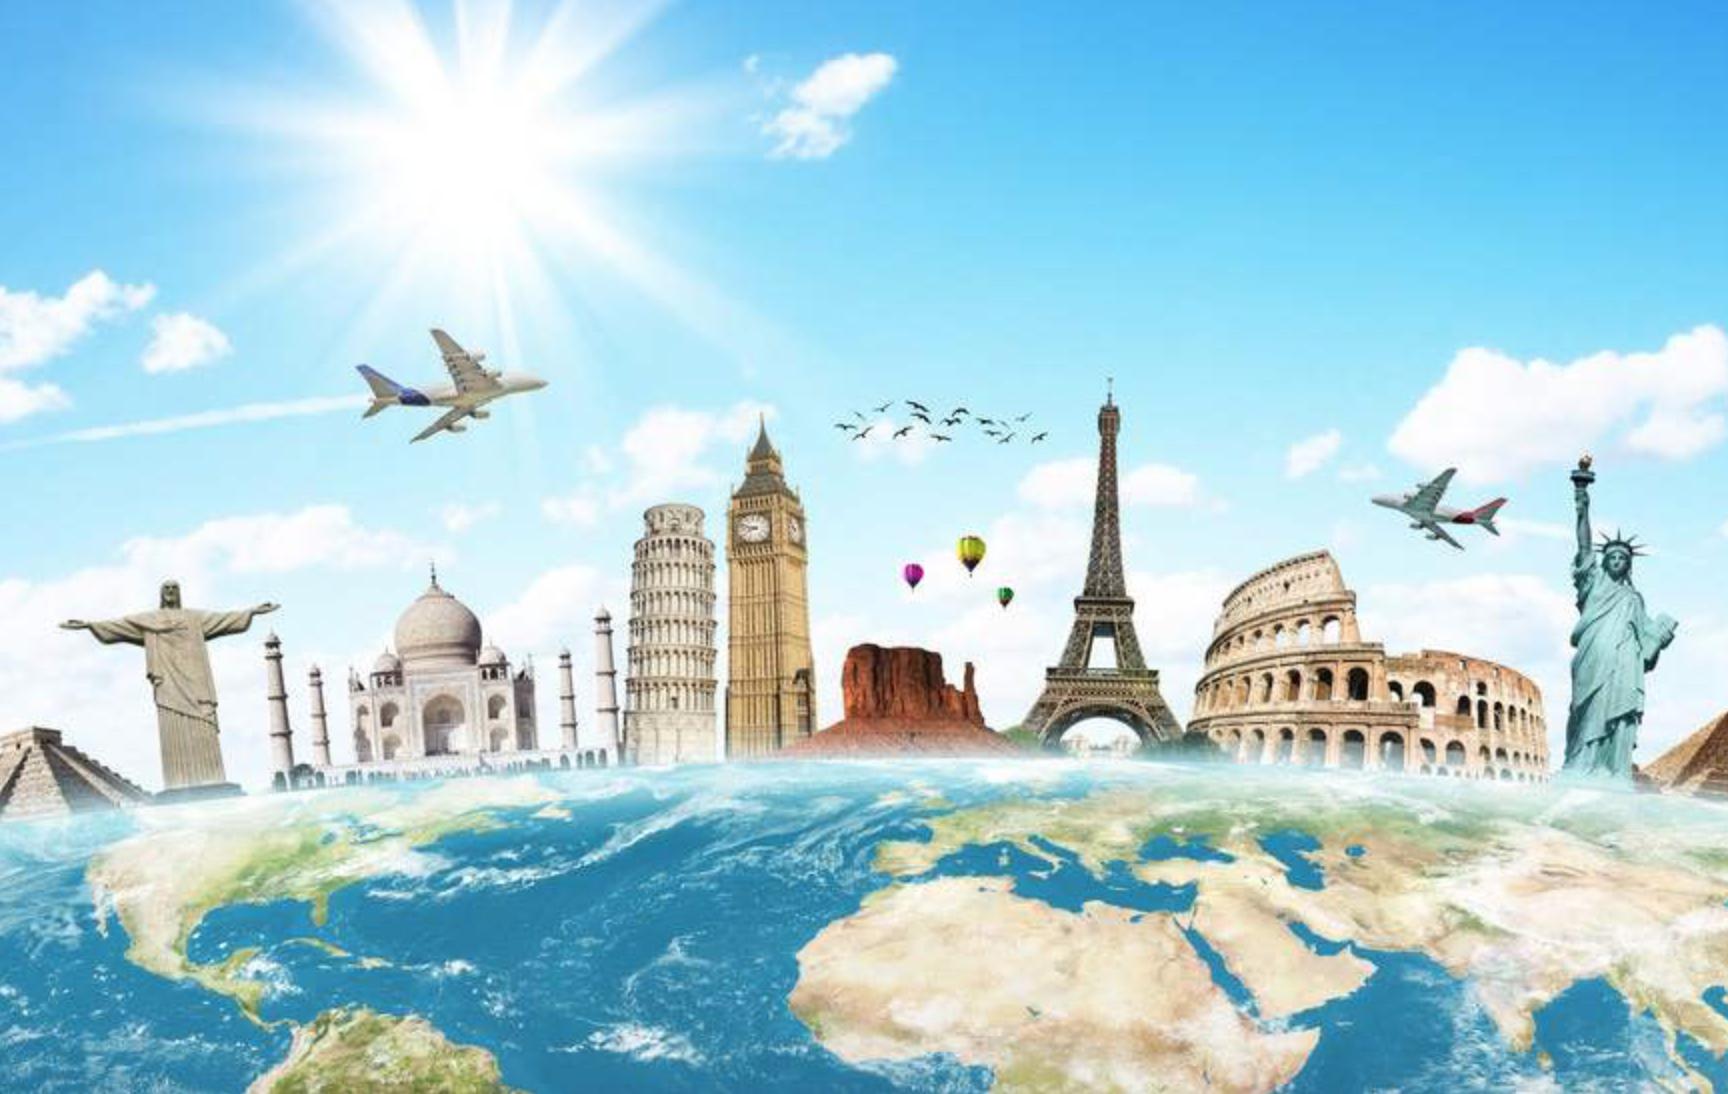 全球旅游业损失已超万亿美元